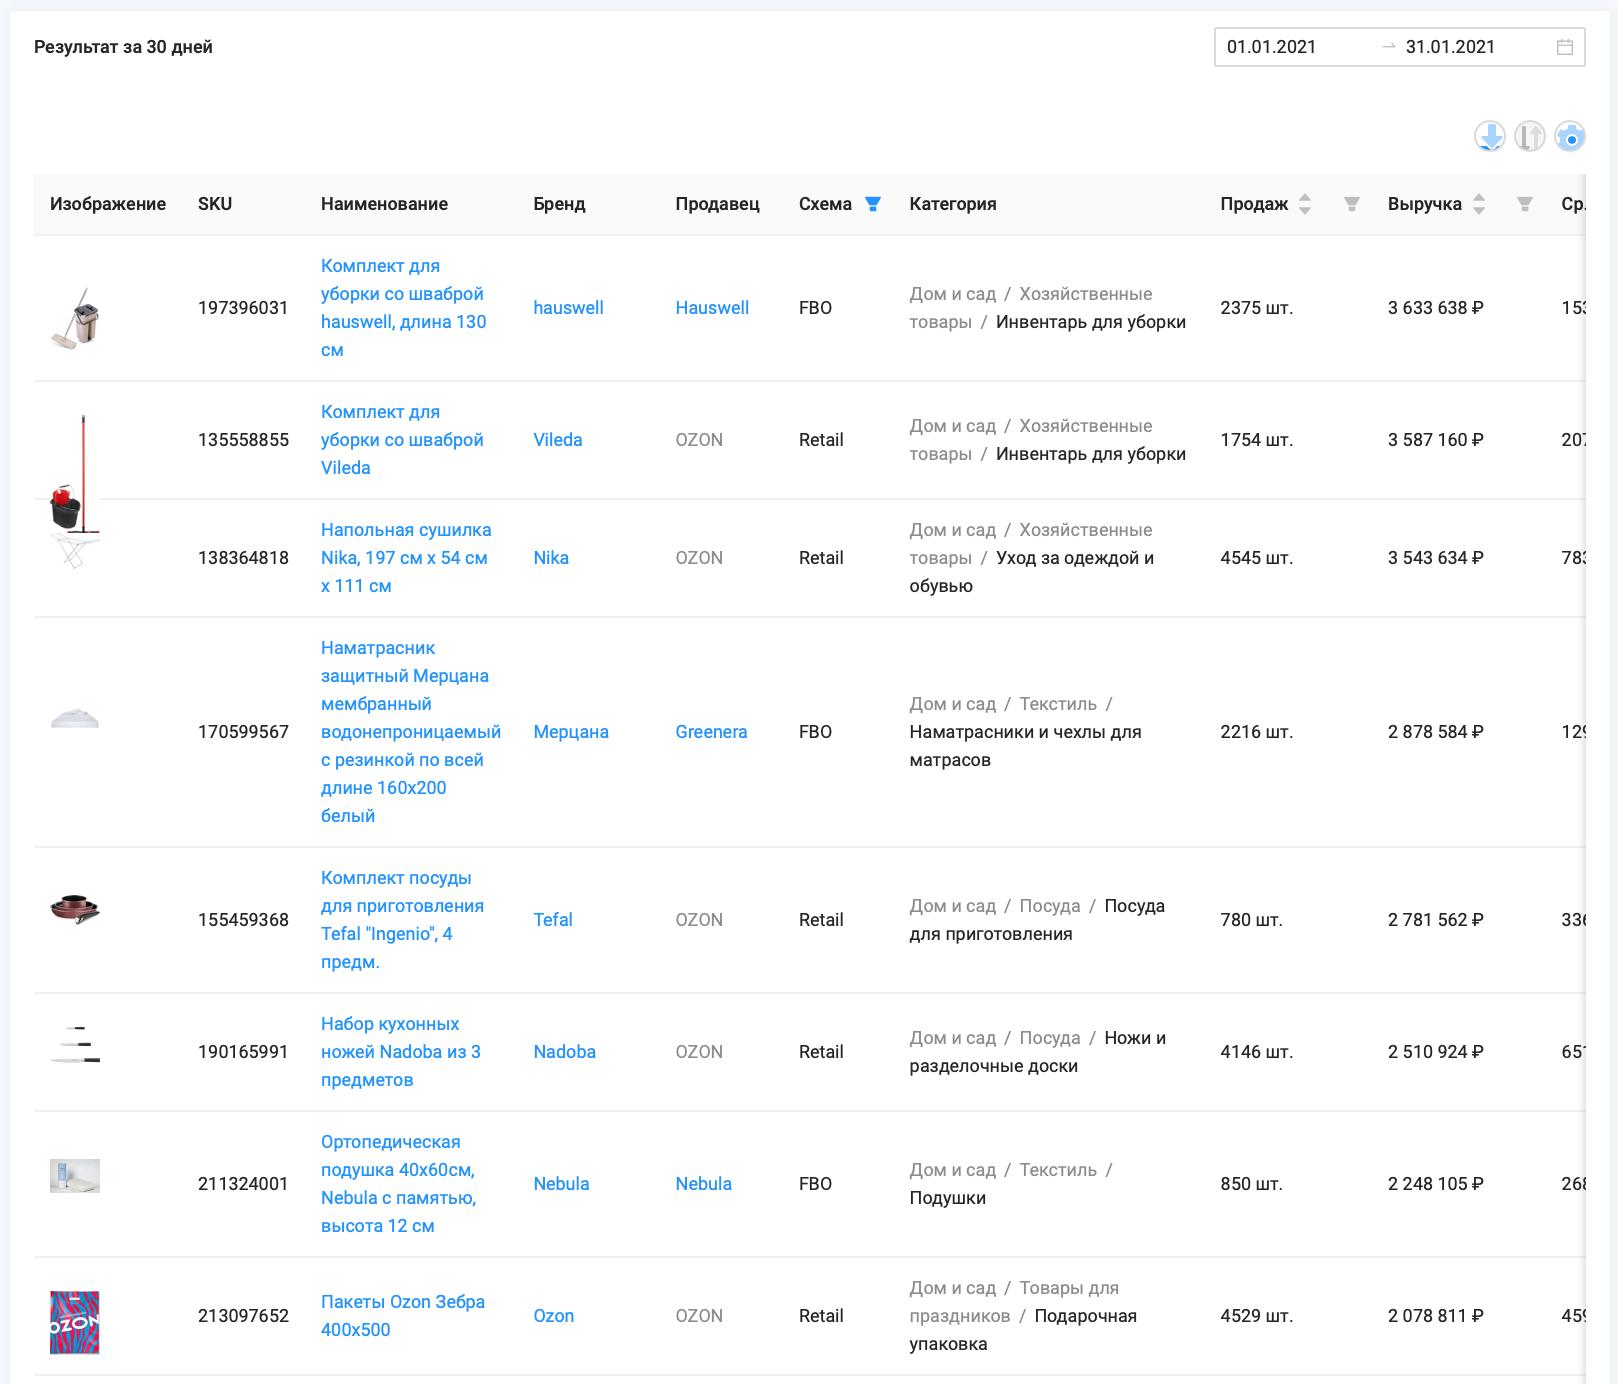 """Статистика объема продаж и выручки категории """"Дом и сад"""" маркетплейса Ozon, 1.01 - 31.01.21, данные сервиса аналитики SellerFox"""